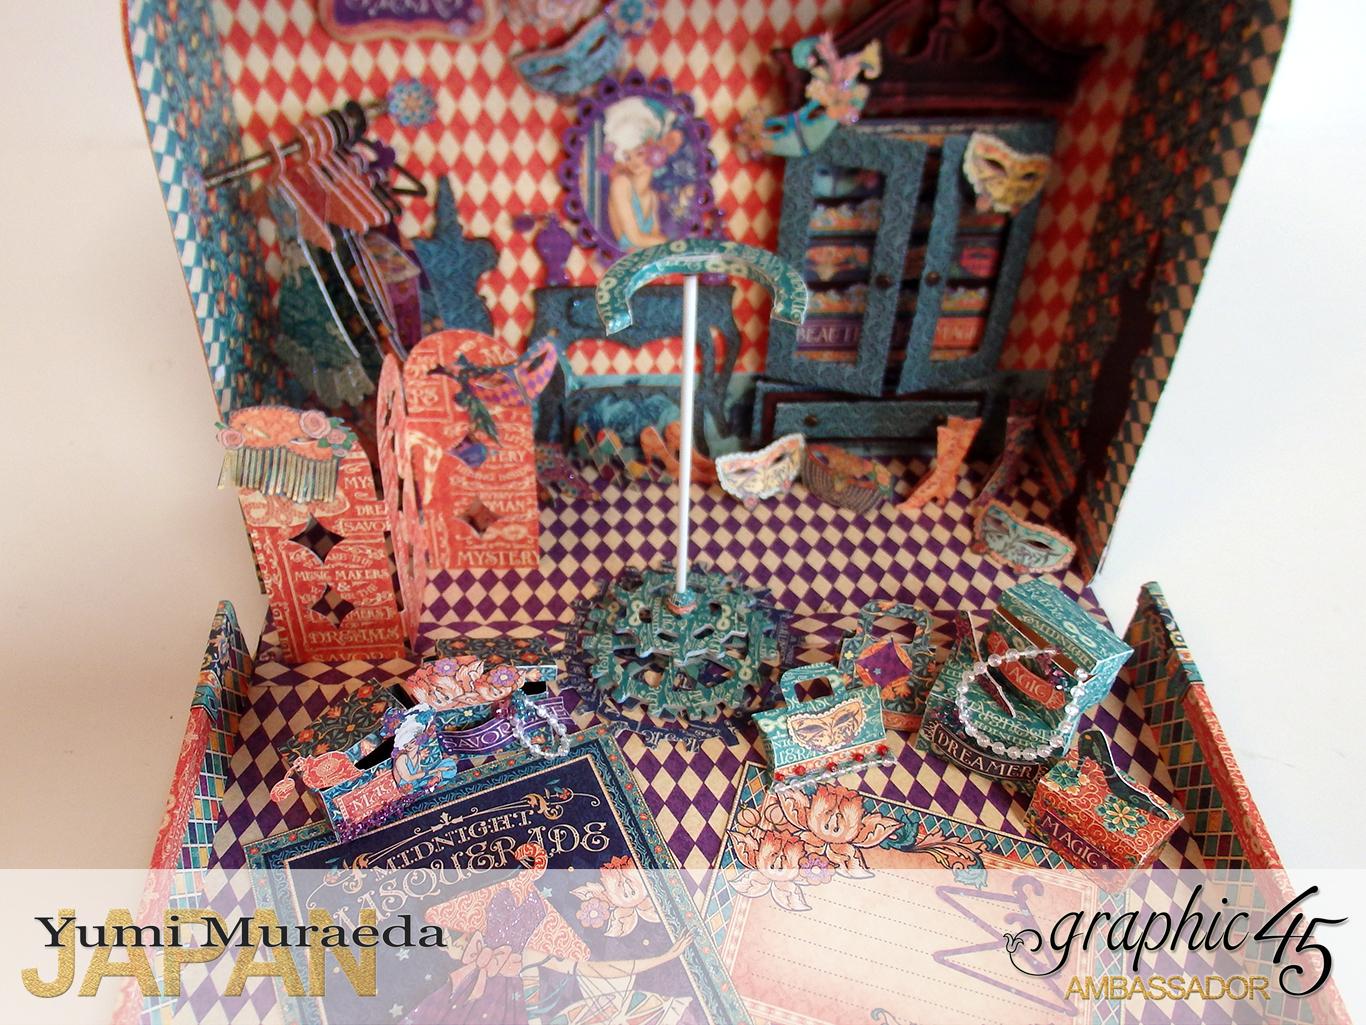 6midnightmasqueradskisekaedesignbyyumiproductbyGraphic45.jpg